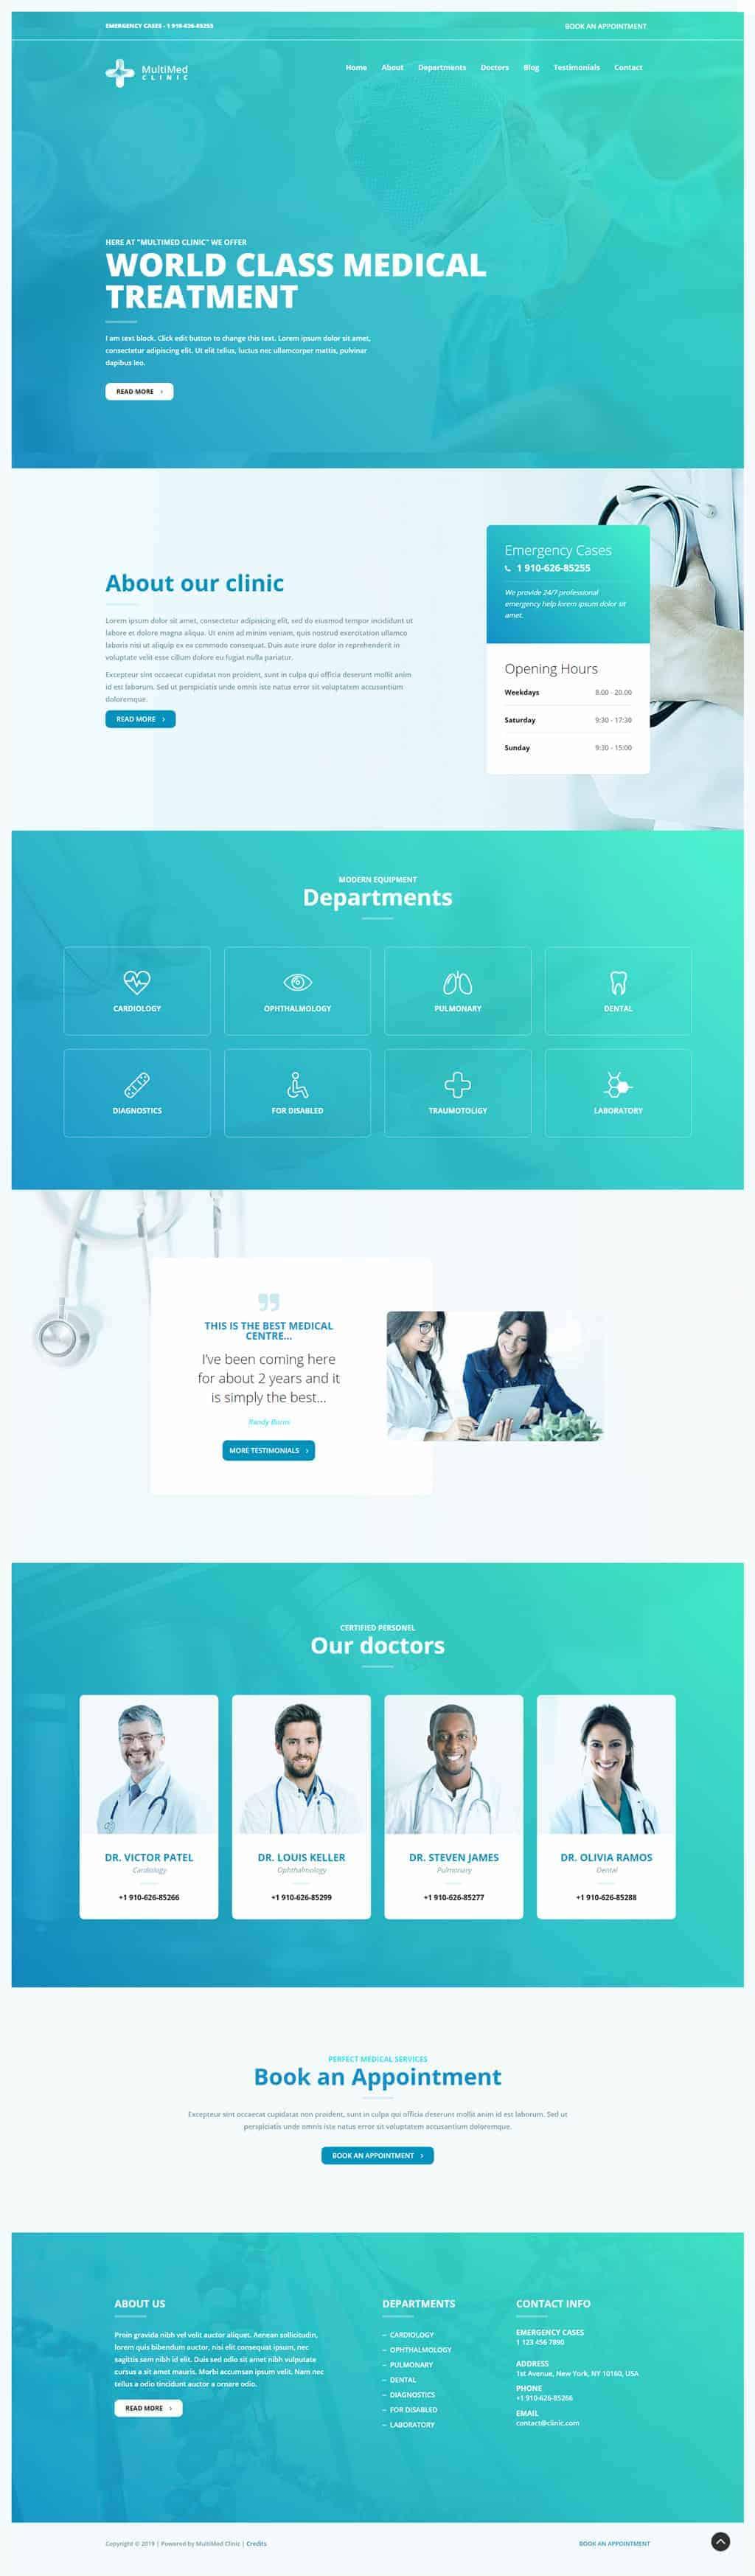 Designs | WPFarm